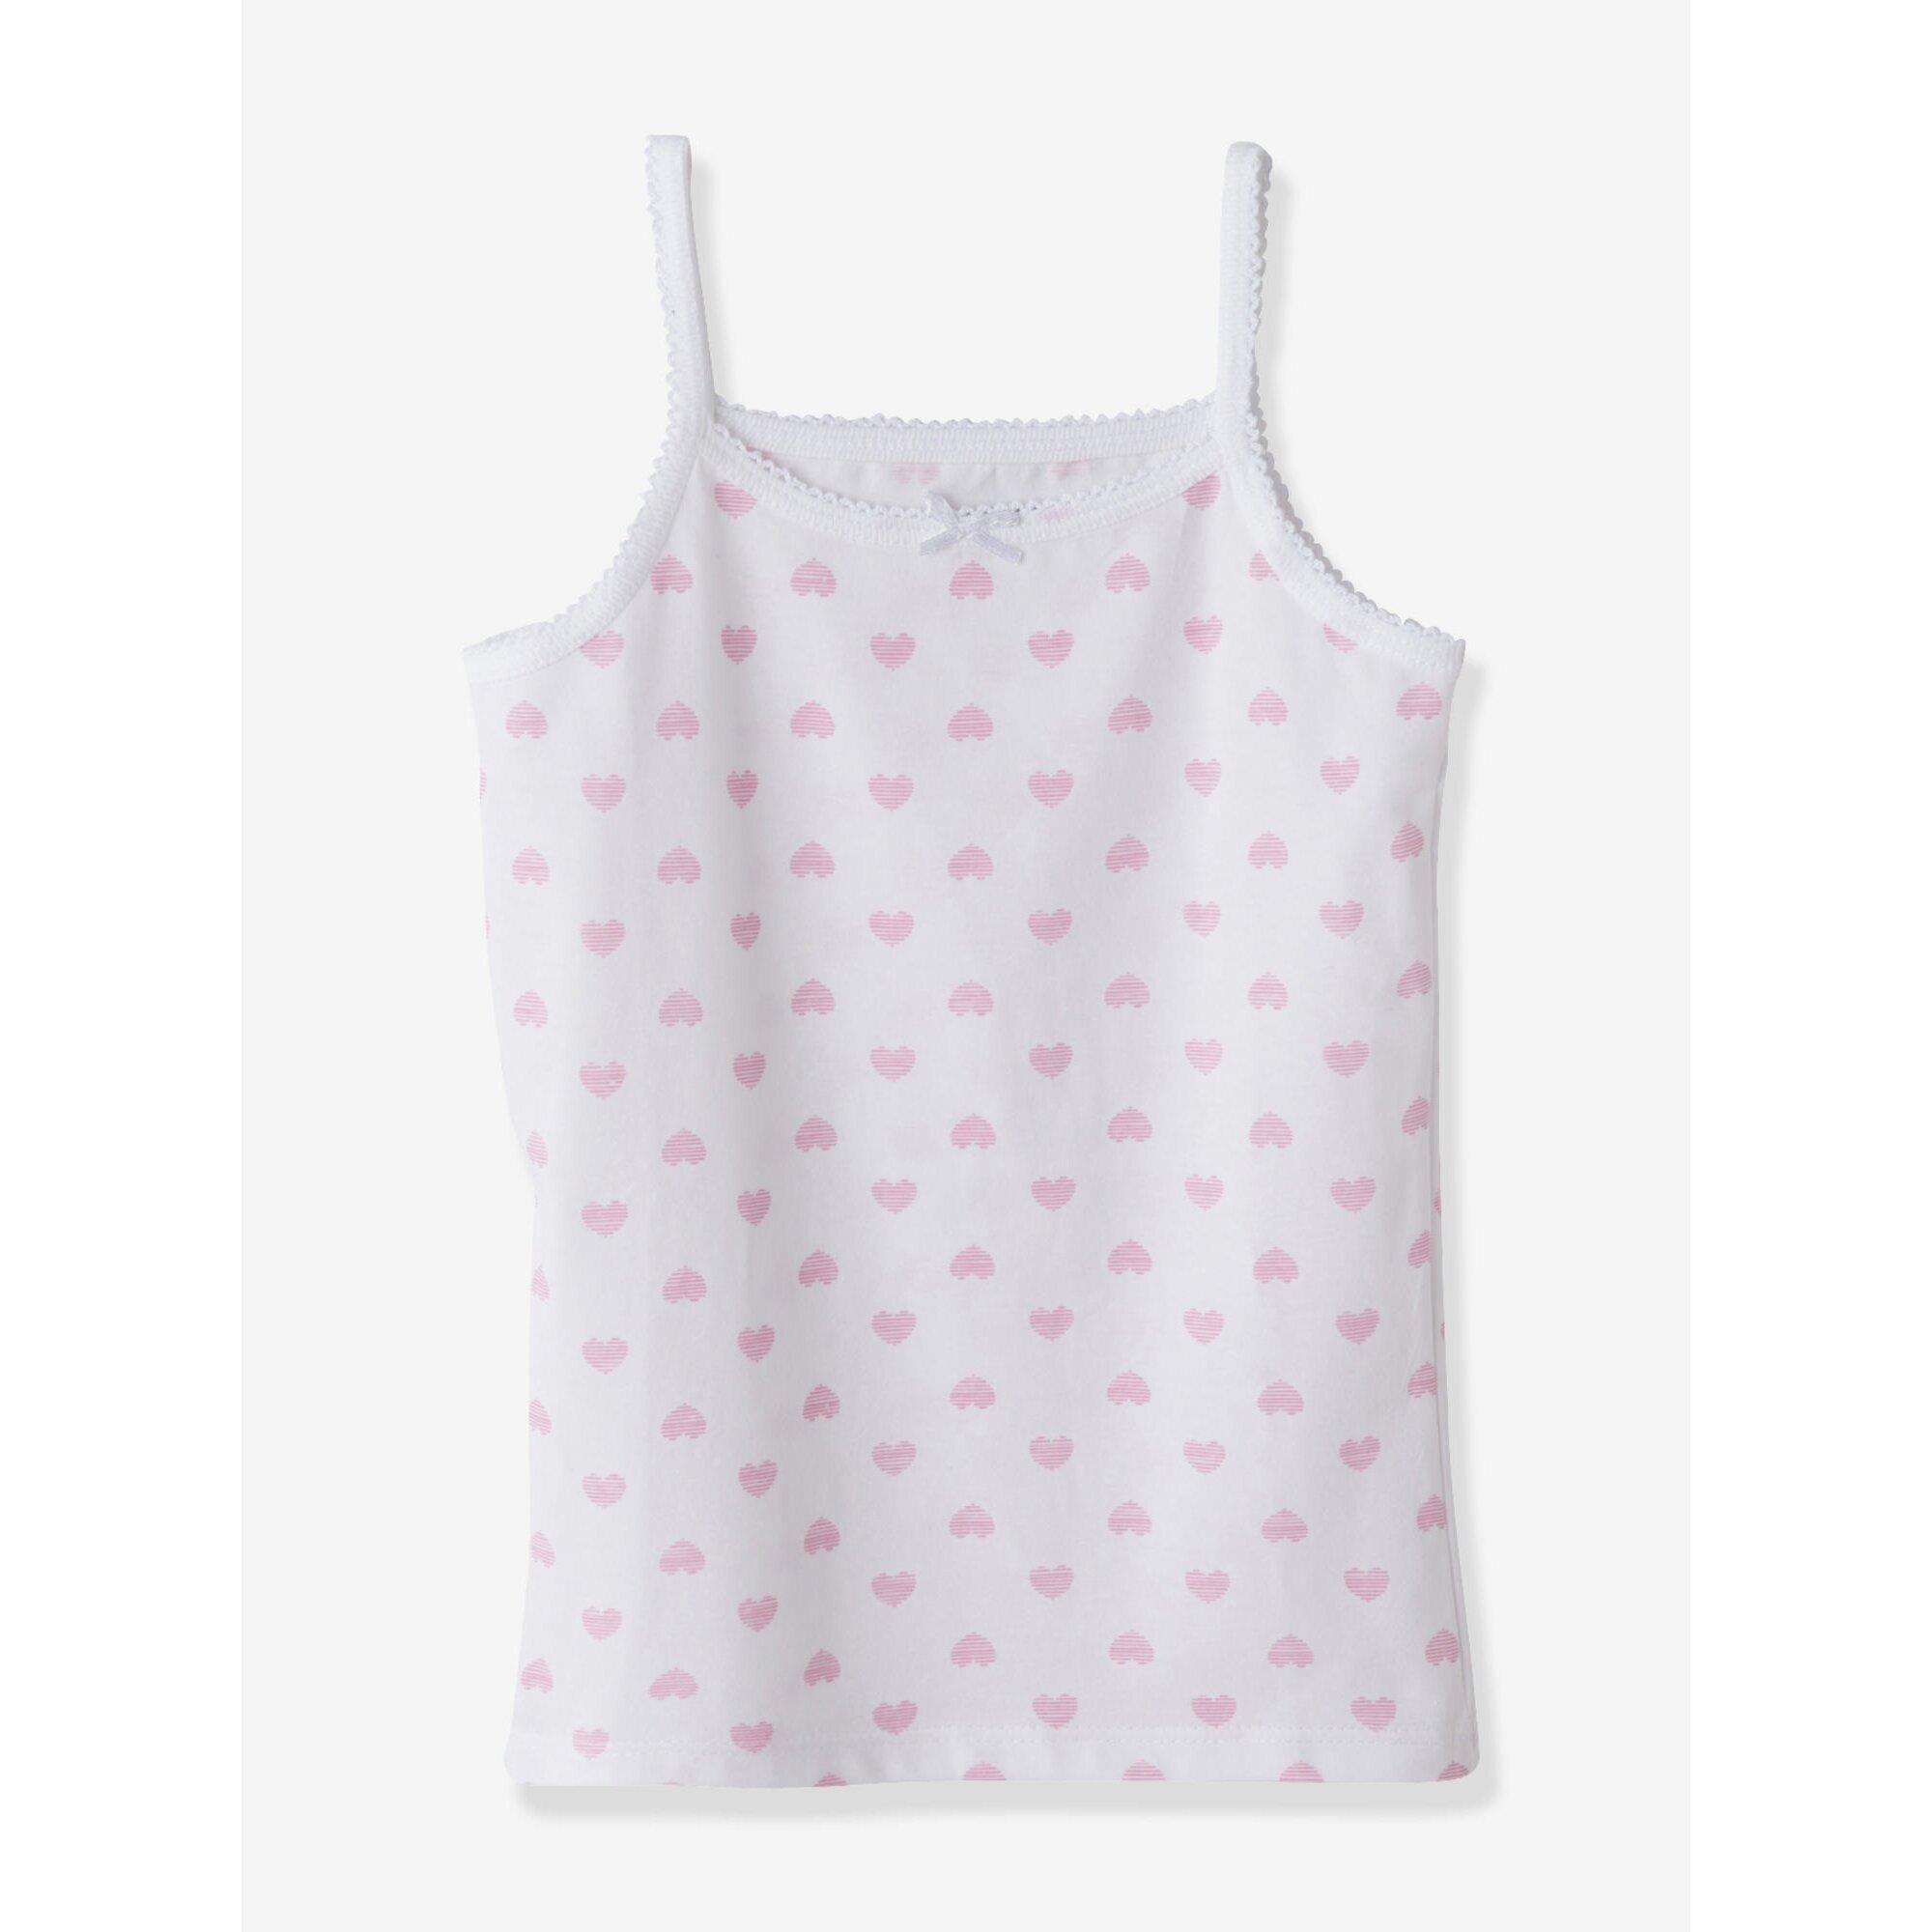 vertbaudet-4er-pack-madchen-hemden